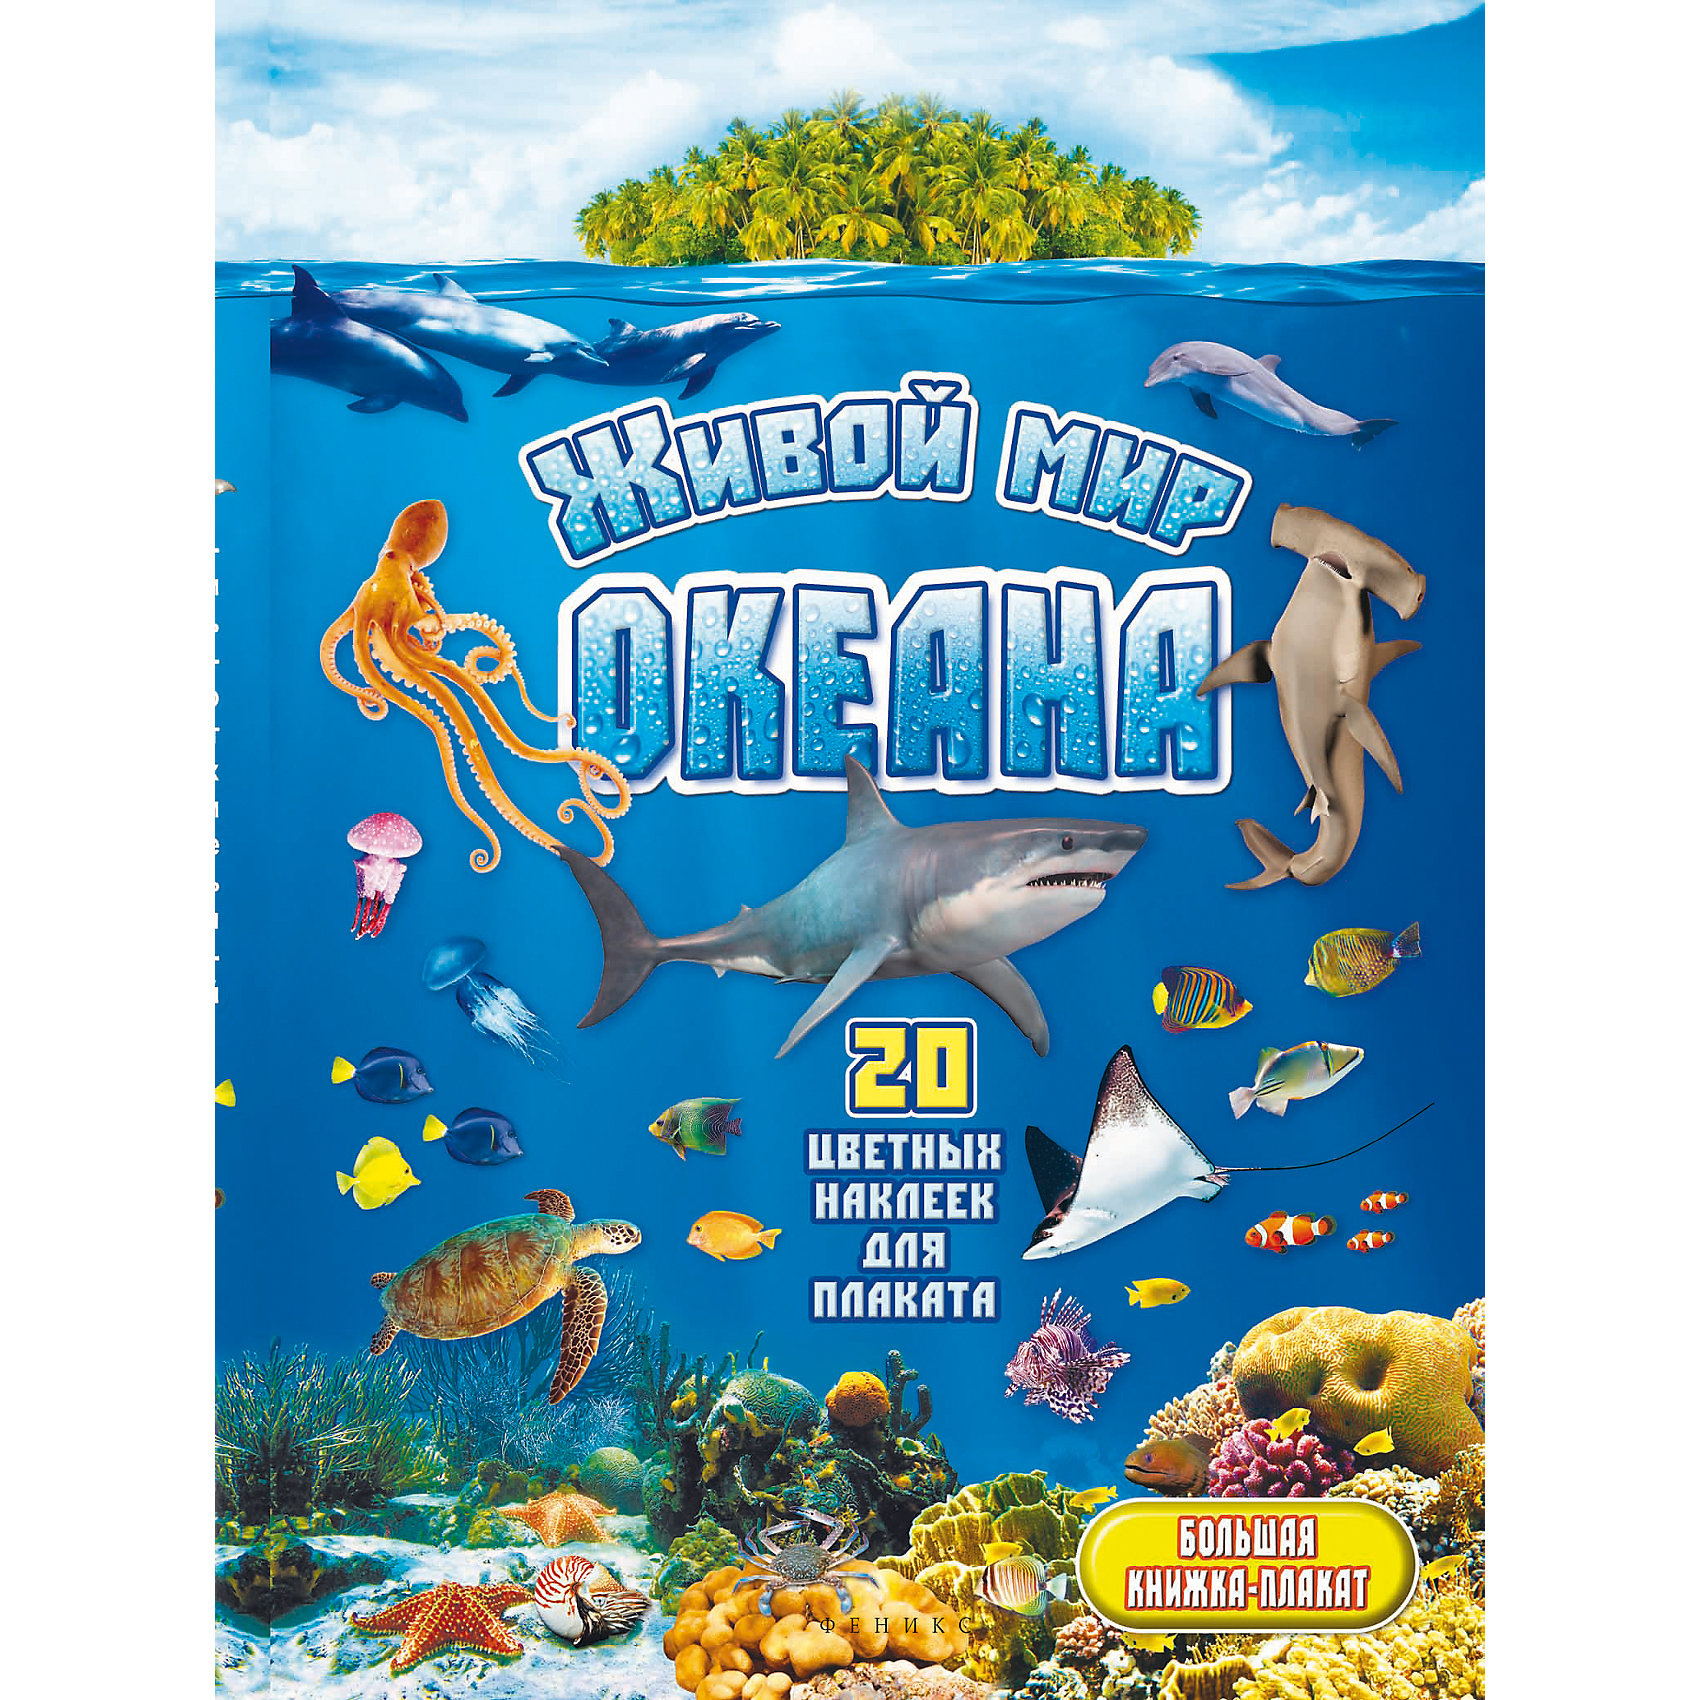 Живой мир океанаИздание Живой мир океана познакомит Вашего ребенка с удивительным миром океана и его обитателями. Книга представляет собой набор ярких красочных наклеек с большим плакатом, на который надо наклеить разных обитателей океанических глубин. Как правильно их<br>разместить? Где они обитают и на какой глубине? Какие у этих животных и рыб размеры? Чем они питаются? На эти и другие вопросы тебе поможет ответить краткая, но очень интересная и полезная информация в книжке. Создай свой уникальный плакат!<br><br><br>Дополнительная информация:<br><br>- Серия: Большая книжка-плакат.<br>- Обложка: мягкая.<br>- Иллюстрации: цветные.<br>- Объем: 8 стр.<br>- Размер: 33 x 0,2 x 24 см.<br>- Вес: 102 гр.<br><br>Книгу Живой мир океана, Феникс-Премьер, можно купить в нашем интернет-магазине.<br><br>Ширина мм: 320<br>Глубина мм: 242<br>Высота мм: 1<br>Вес г: 400<br>Возраст от месяцев: 36<br>Возраст до месяцев: 84<br>Пол: Унисекс<br>Возраст: Детский<br>SKU: 4771439